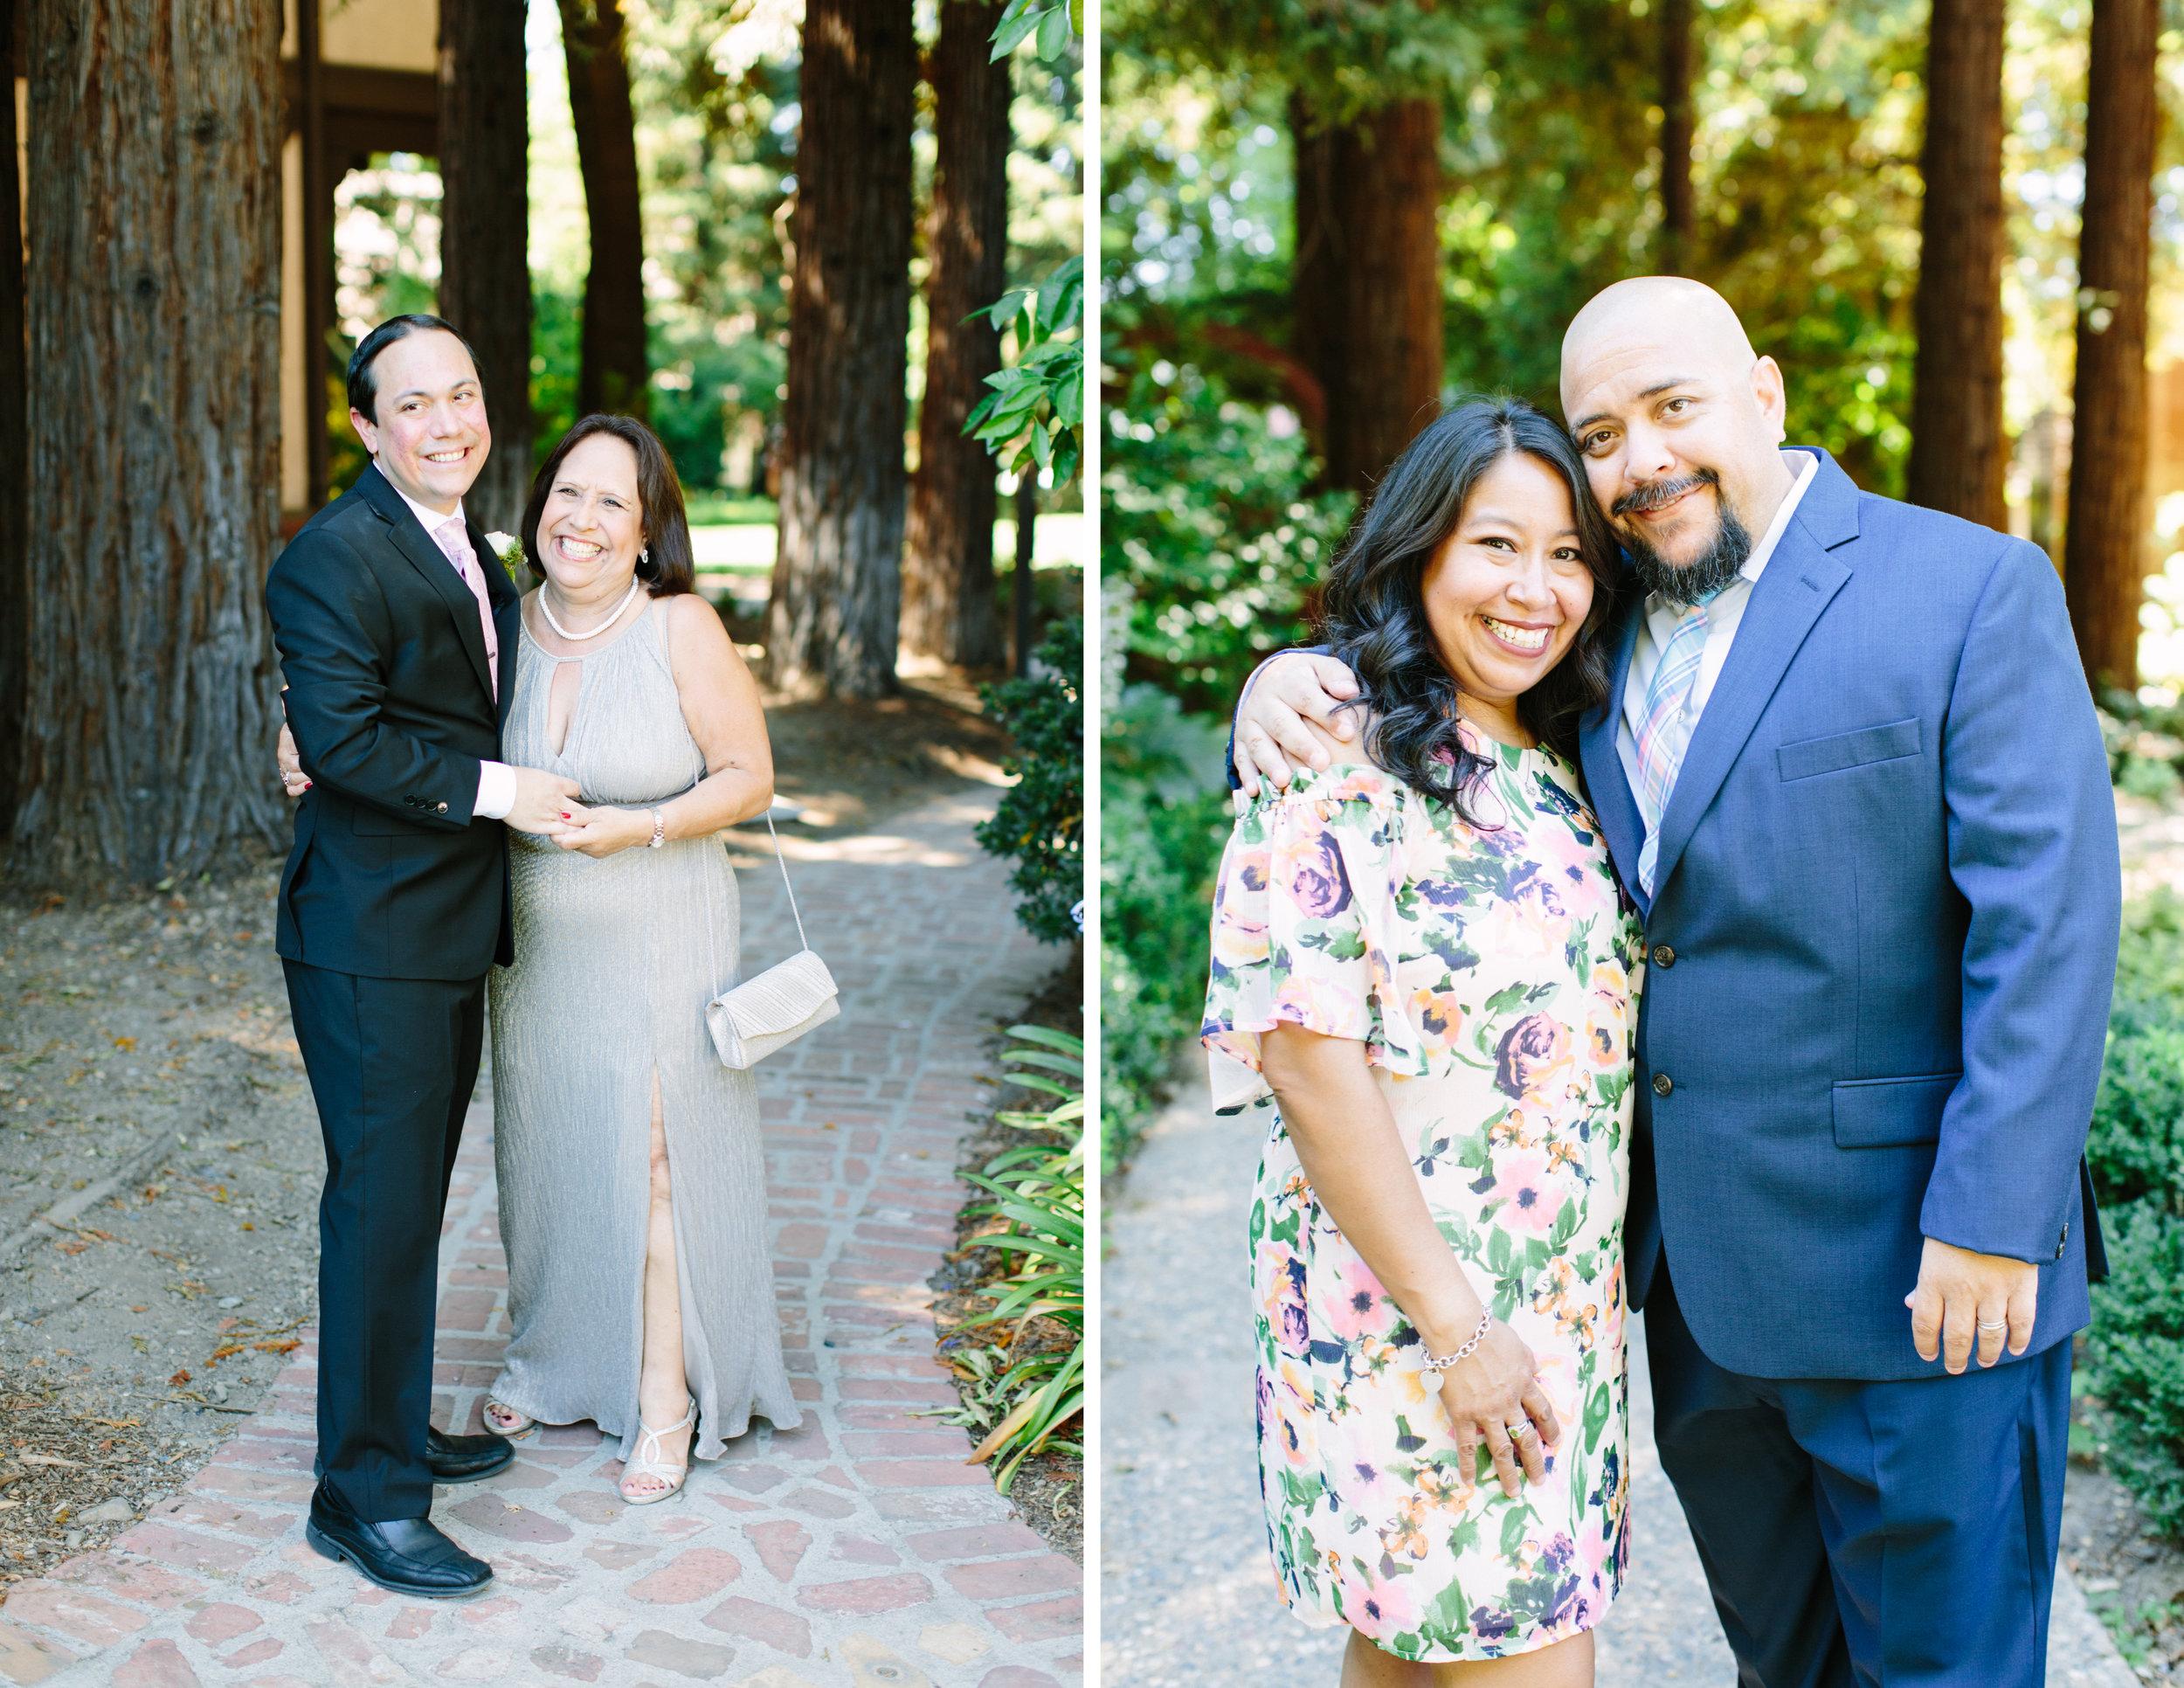 harvest inn elopement wedding 11.jpg